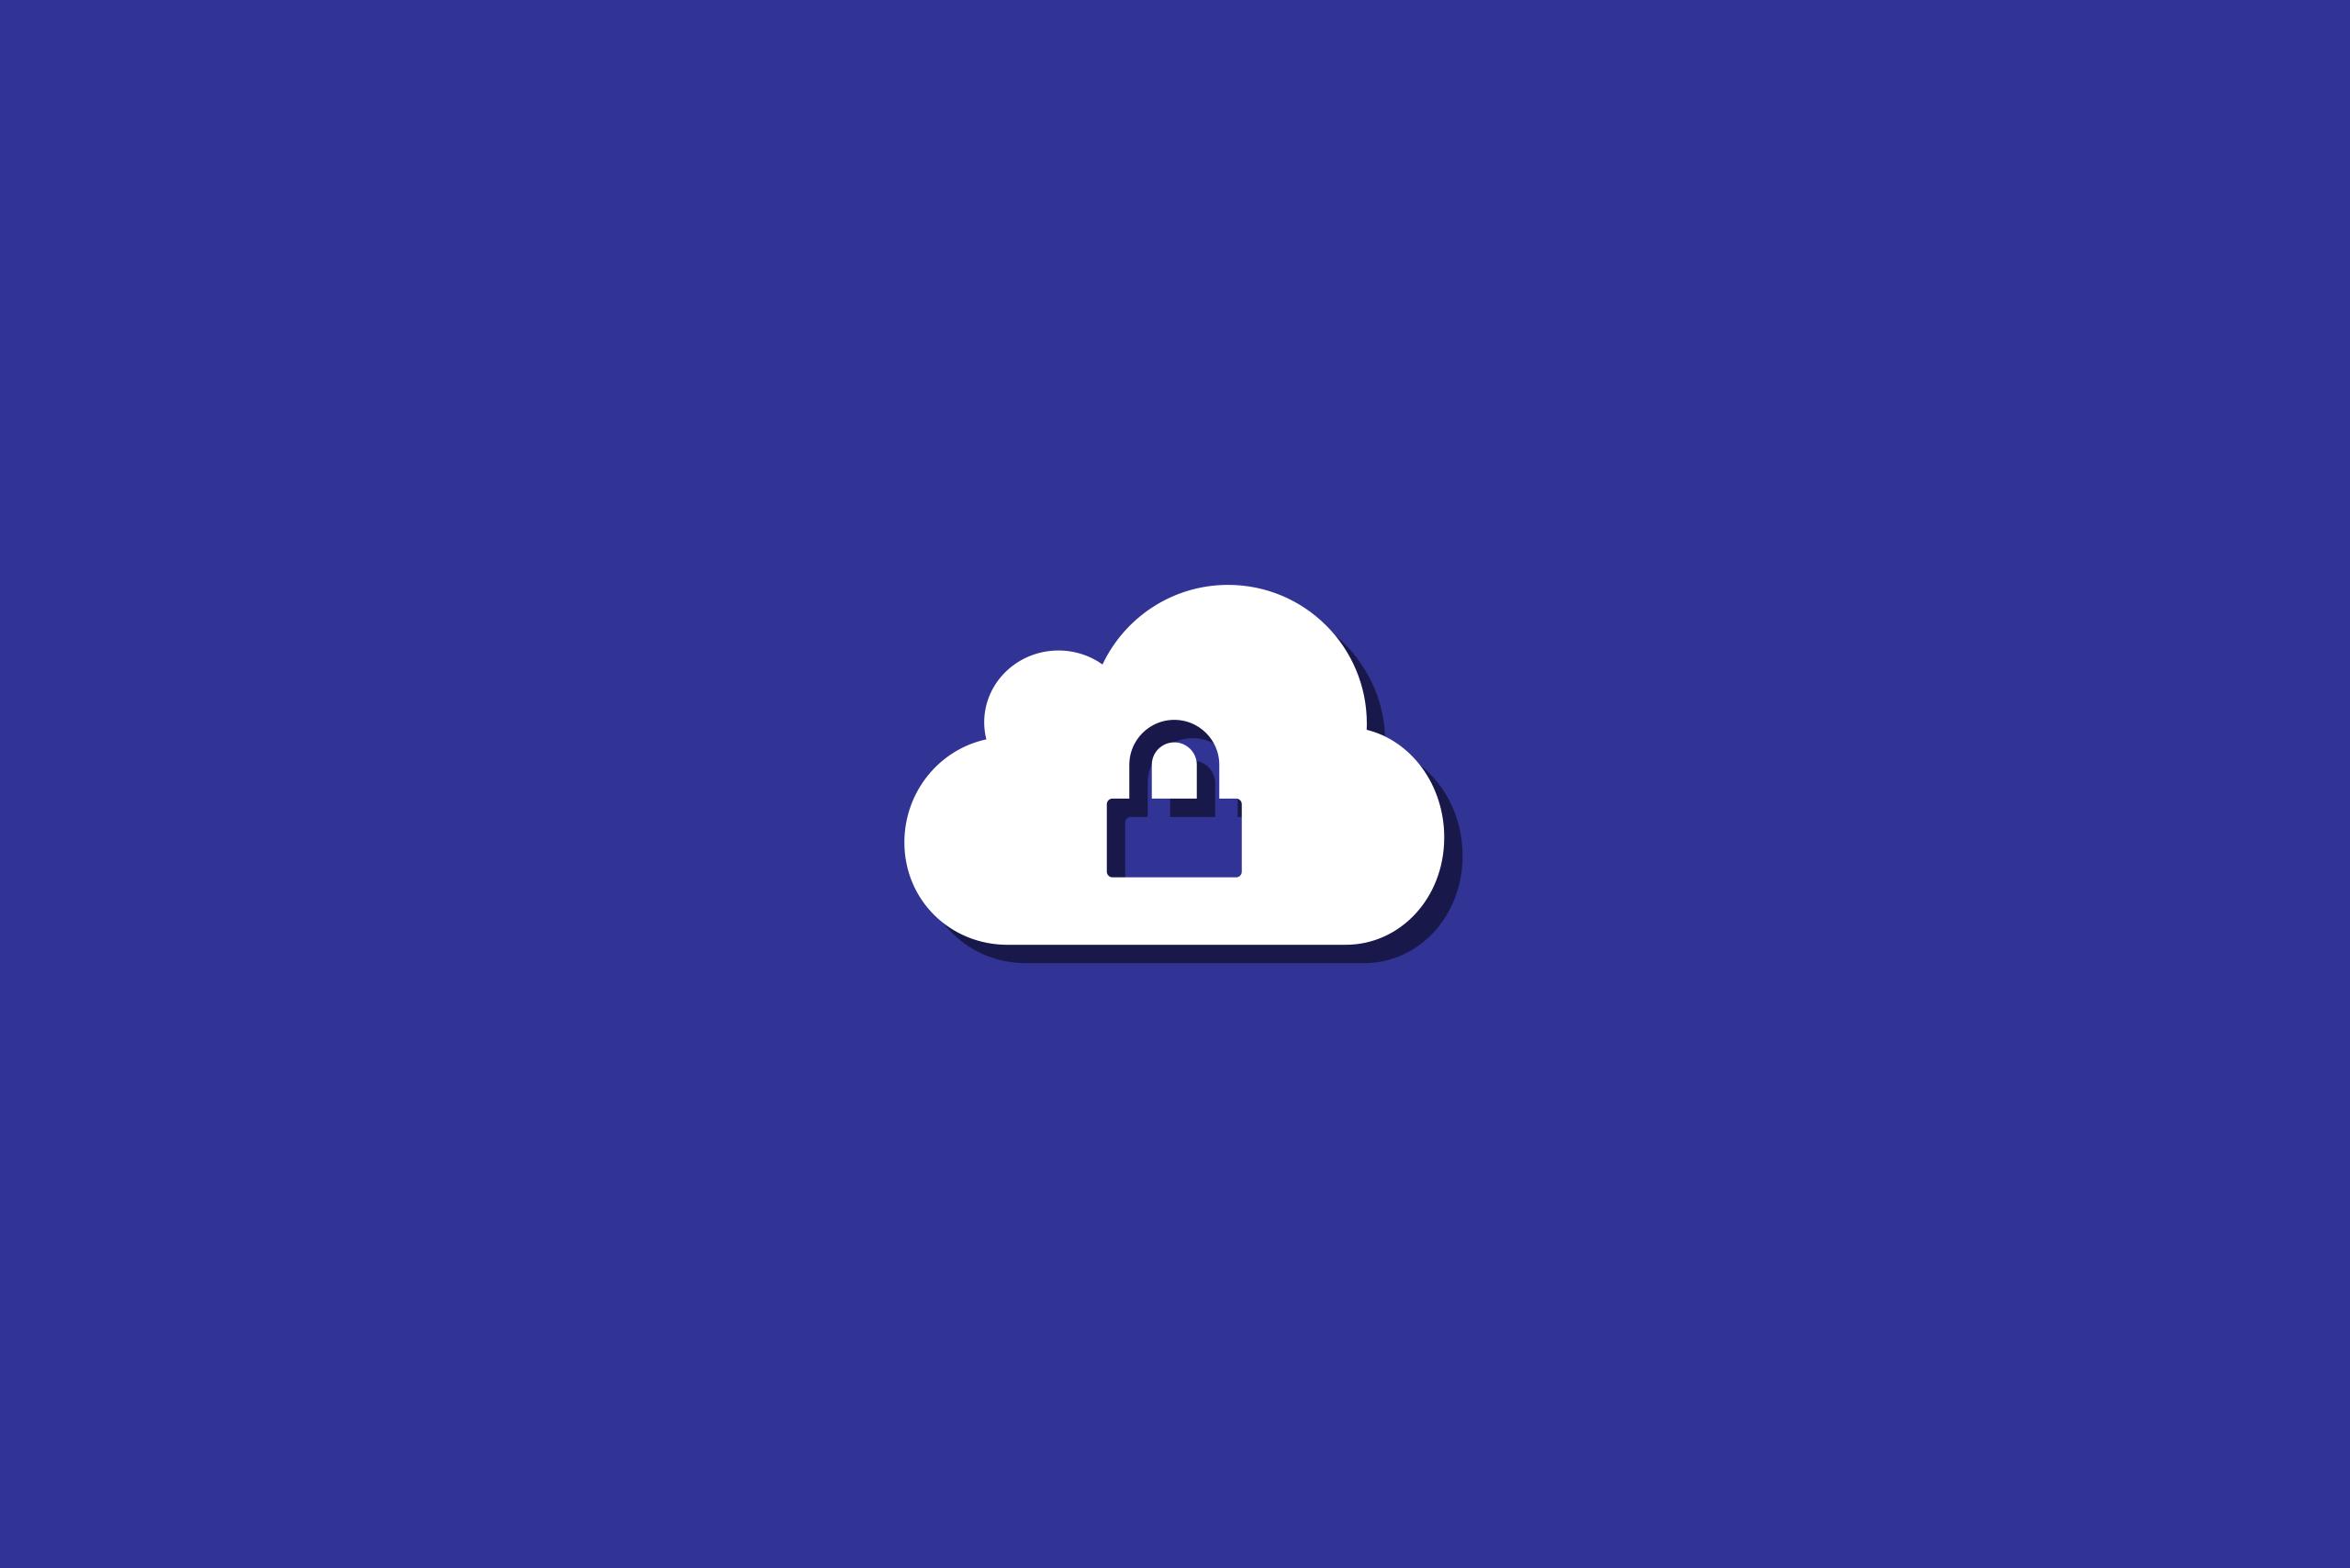 Día Europeo de Protección de Datos, ¿conoces tus derechos?